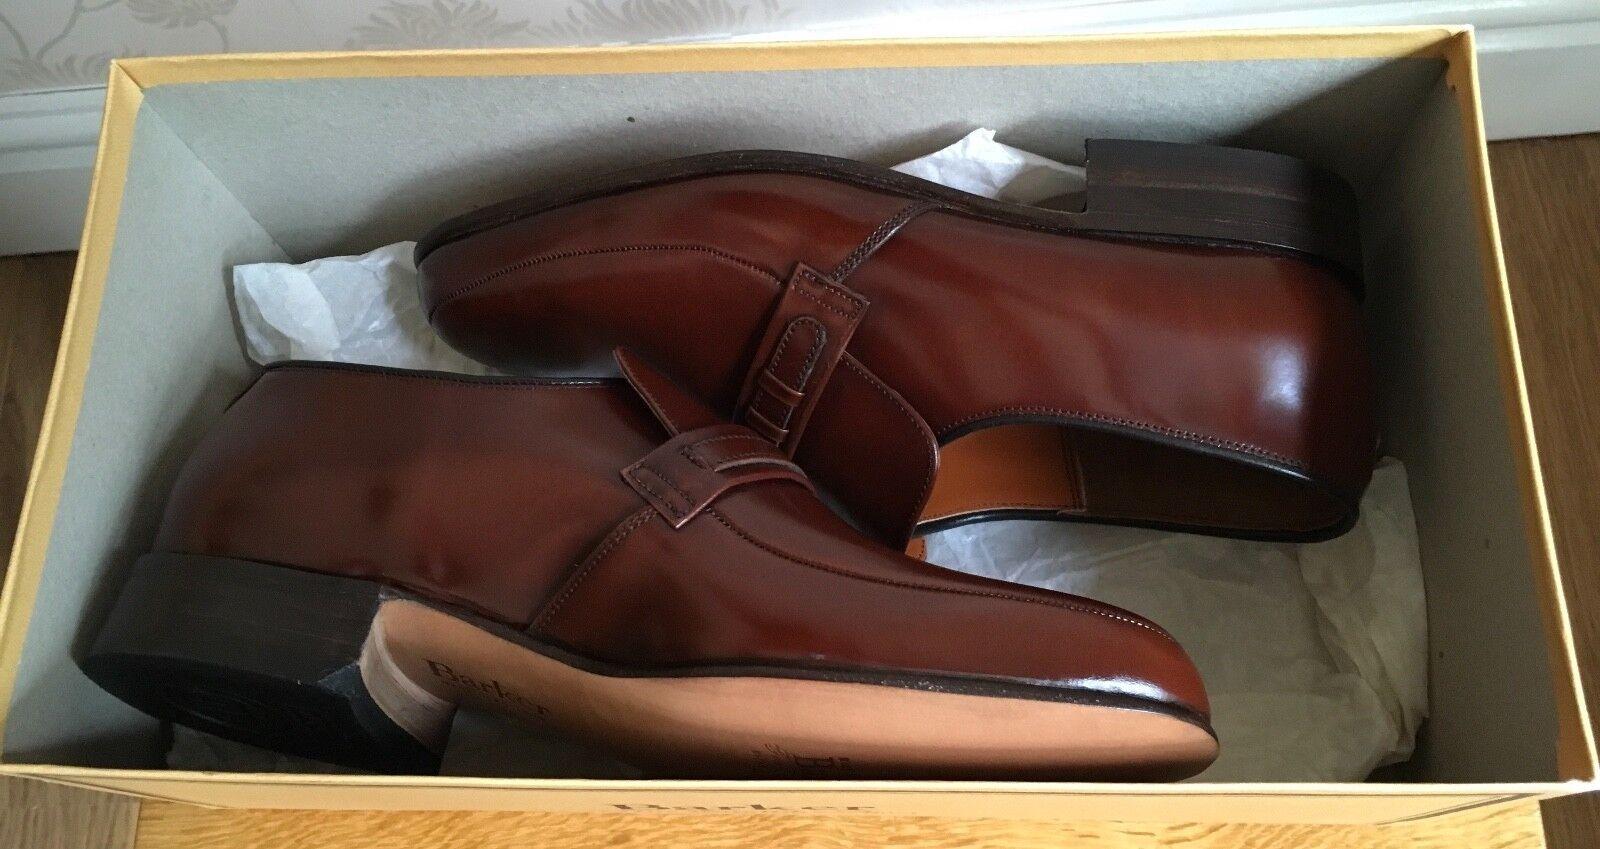 Barker G G G Campbell Legno Marronee Fine Leather Mocassini Scarpa Mocassini nuovo con scatola | Outlet Store Online  77b596